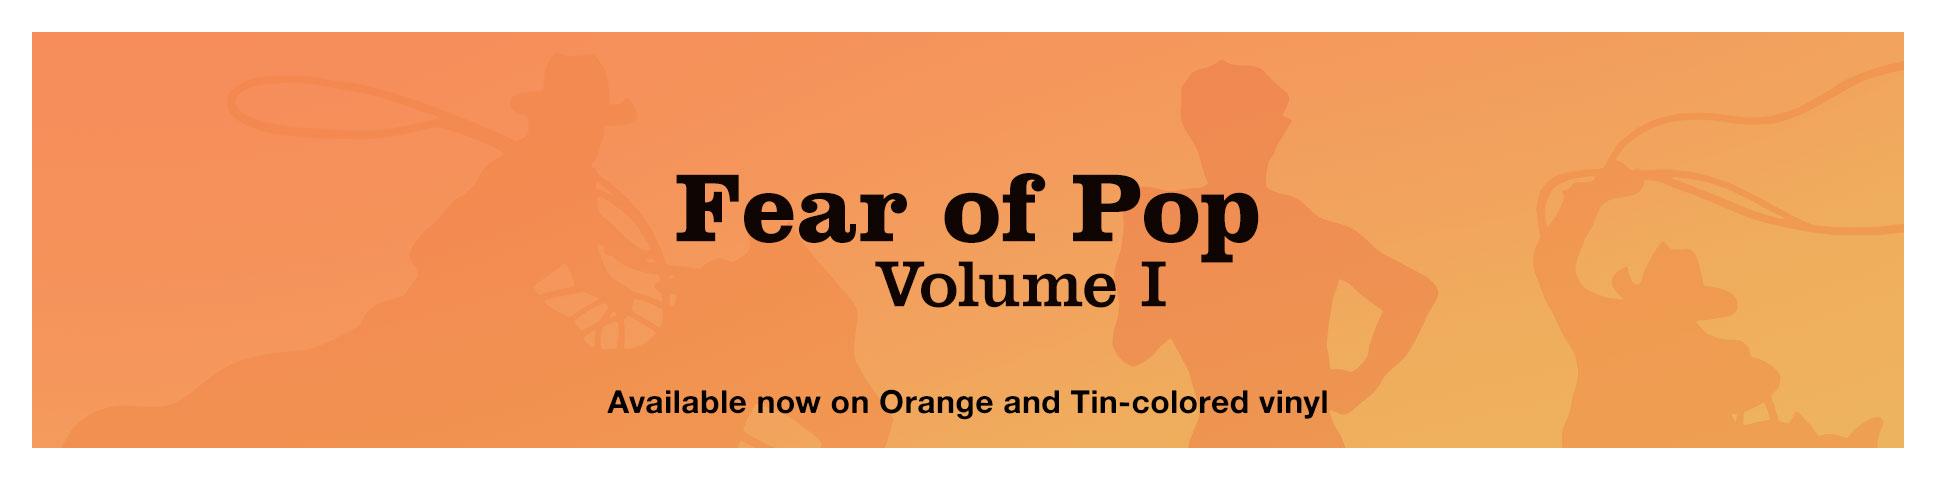 Fear of Pop Exclusive Vinyl